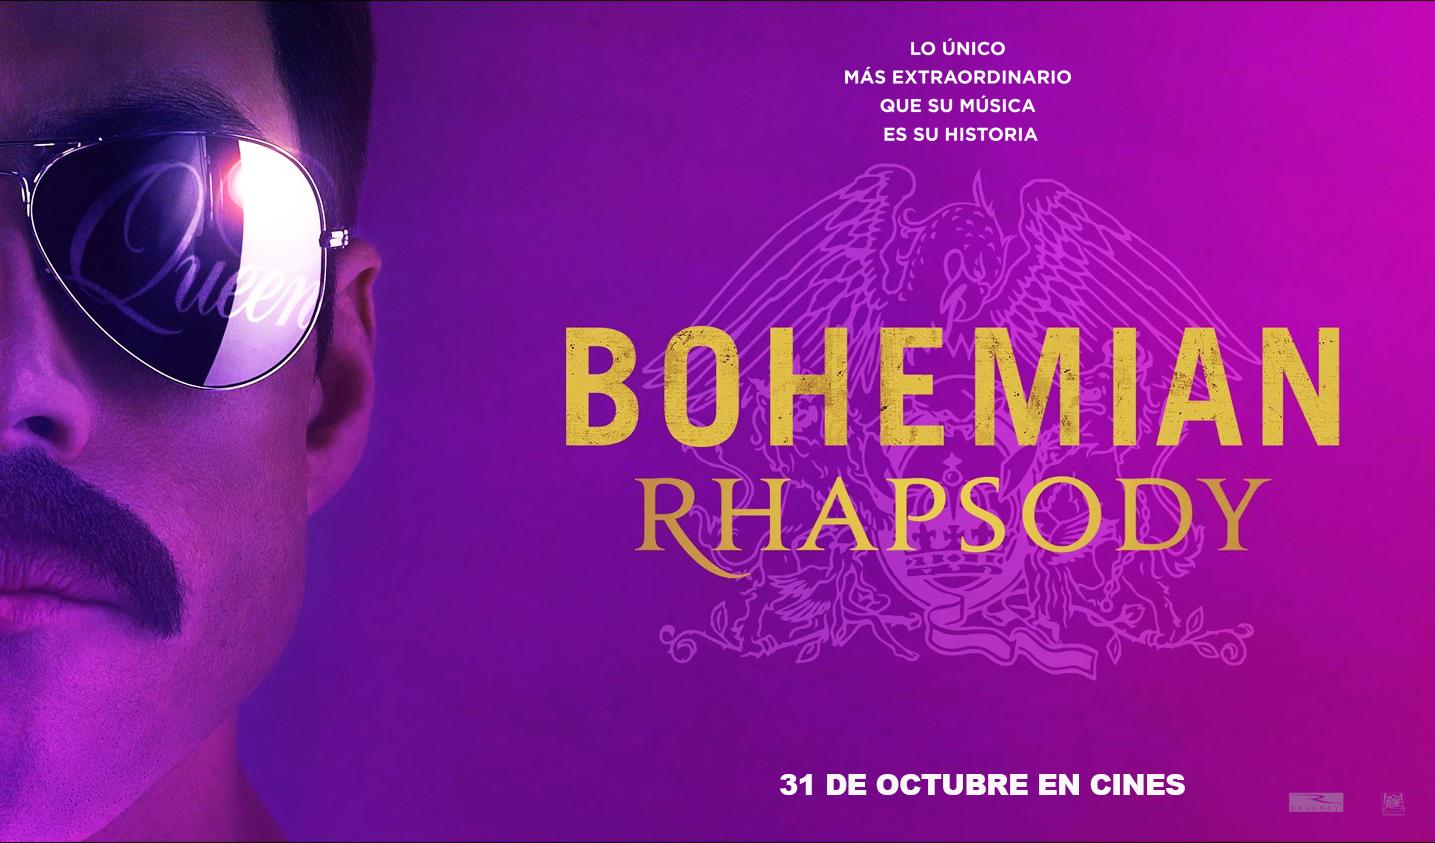 Concurso Bohemian Rhapsody